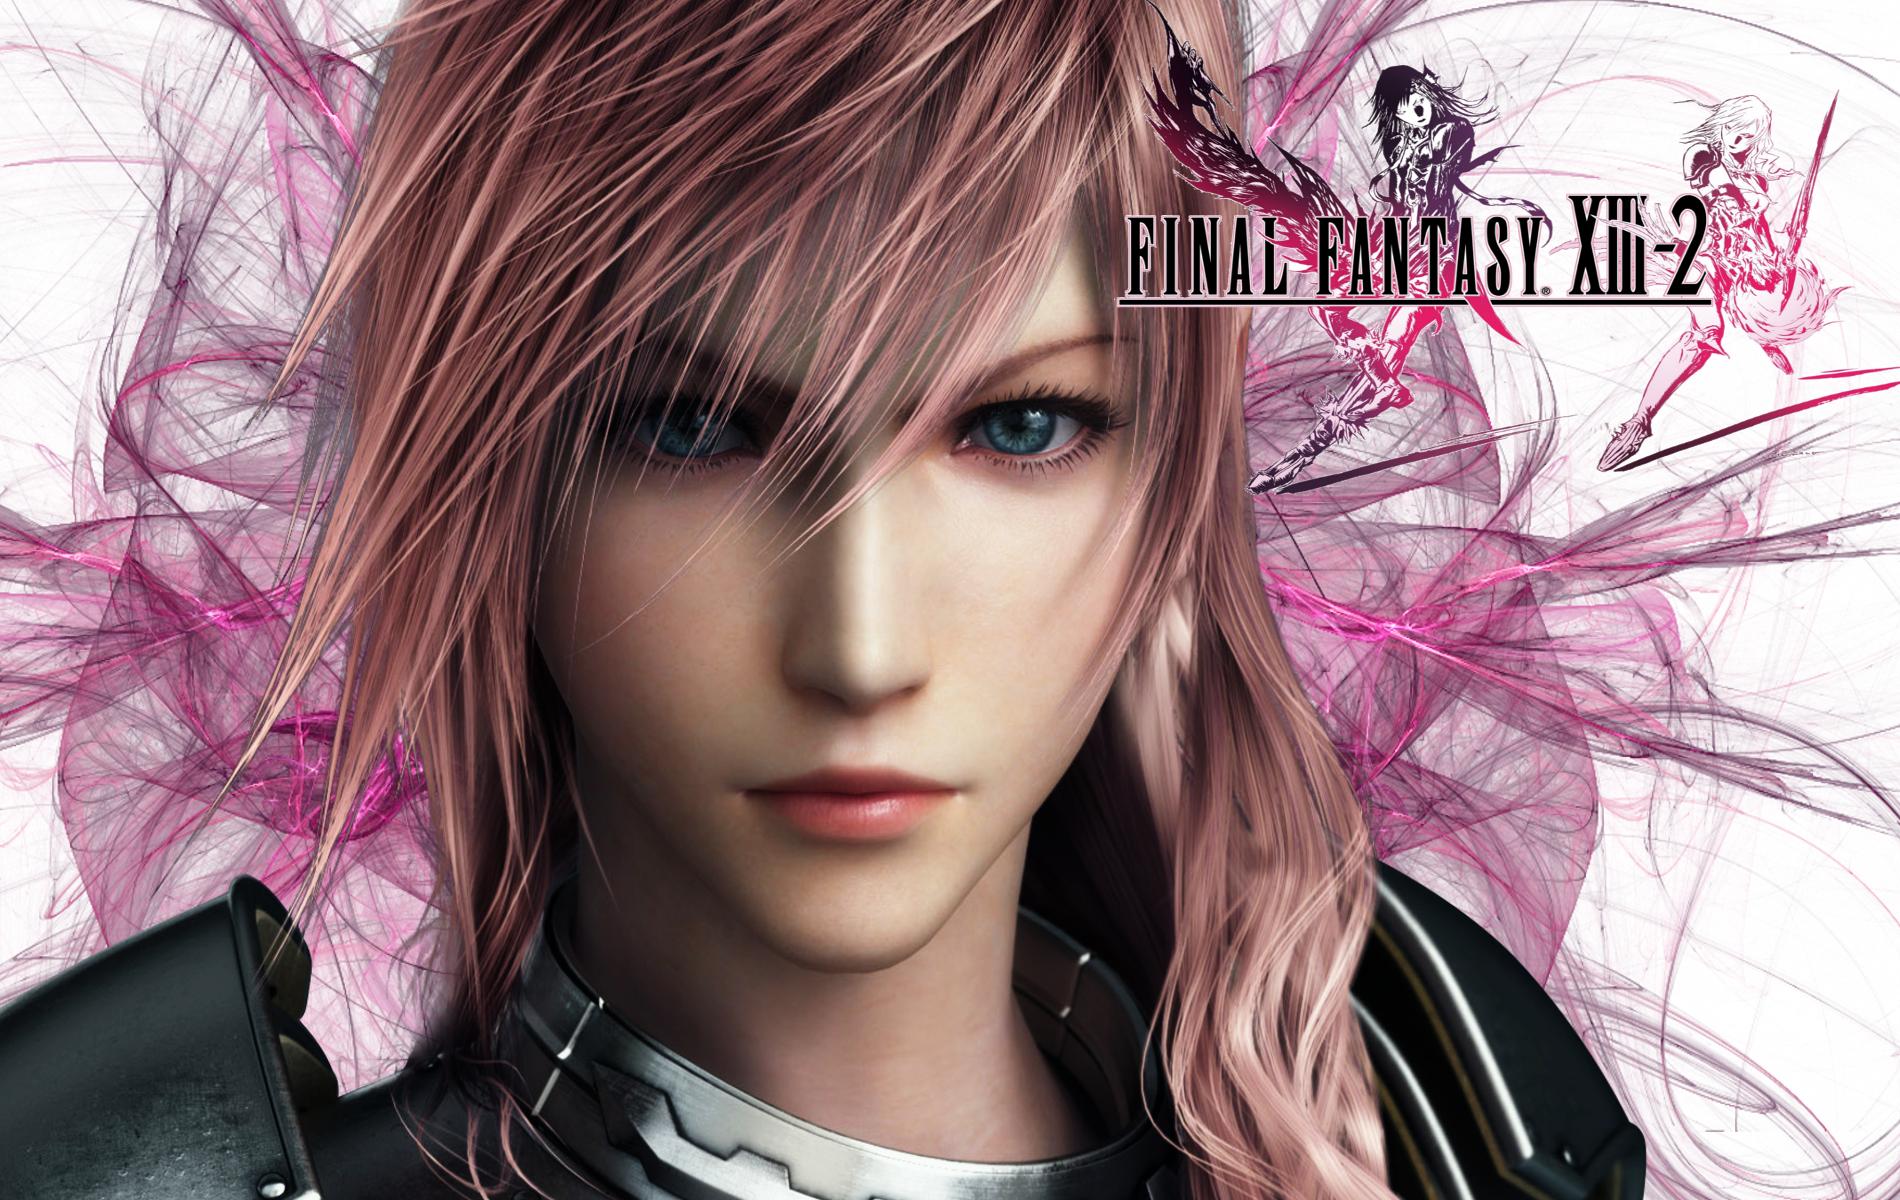 Final Fantasy Xiii 2 Lightning By Viciousjosh On Deviantart